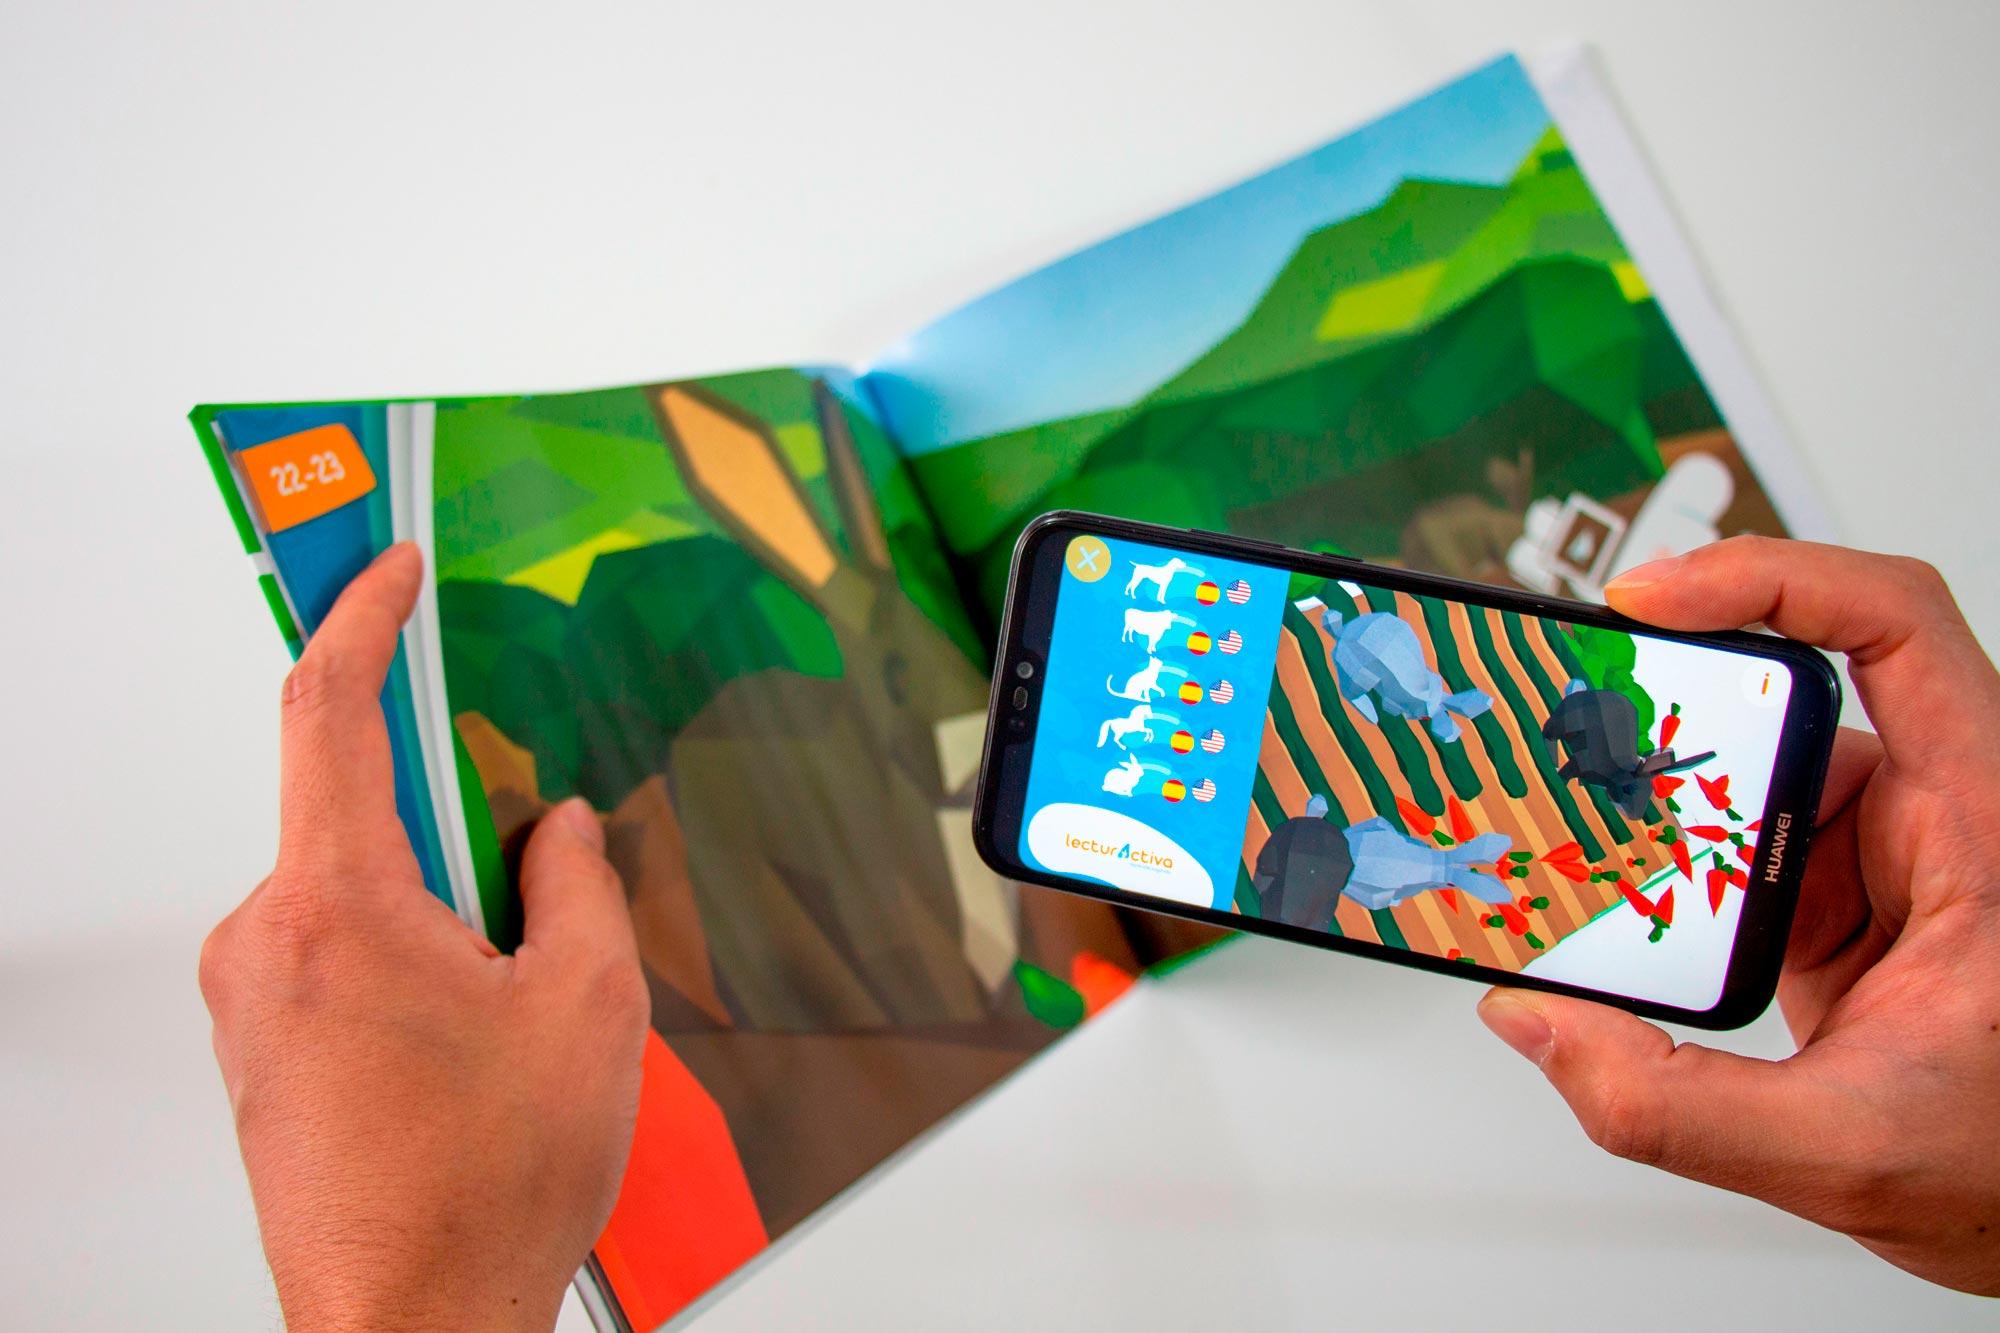 libros-interactivos-bilingues-para-niños-y-jovenes-0069